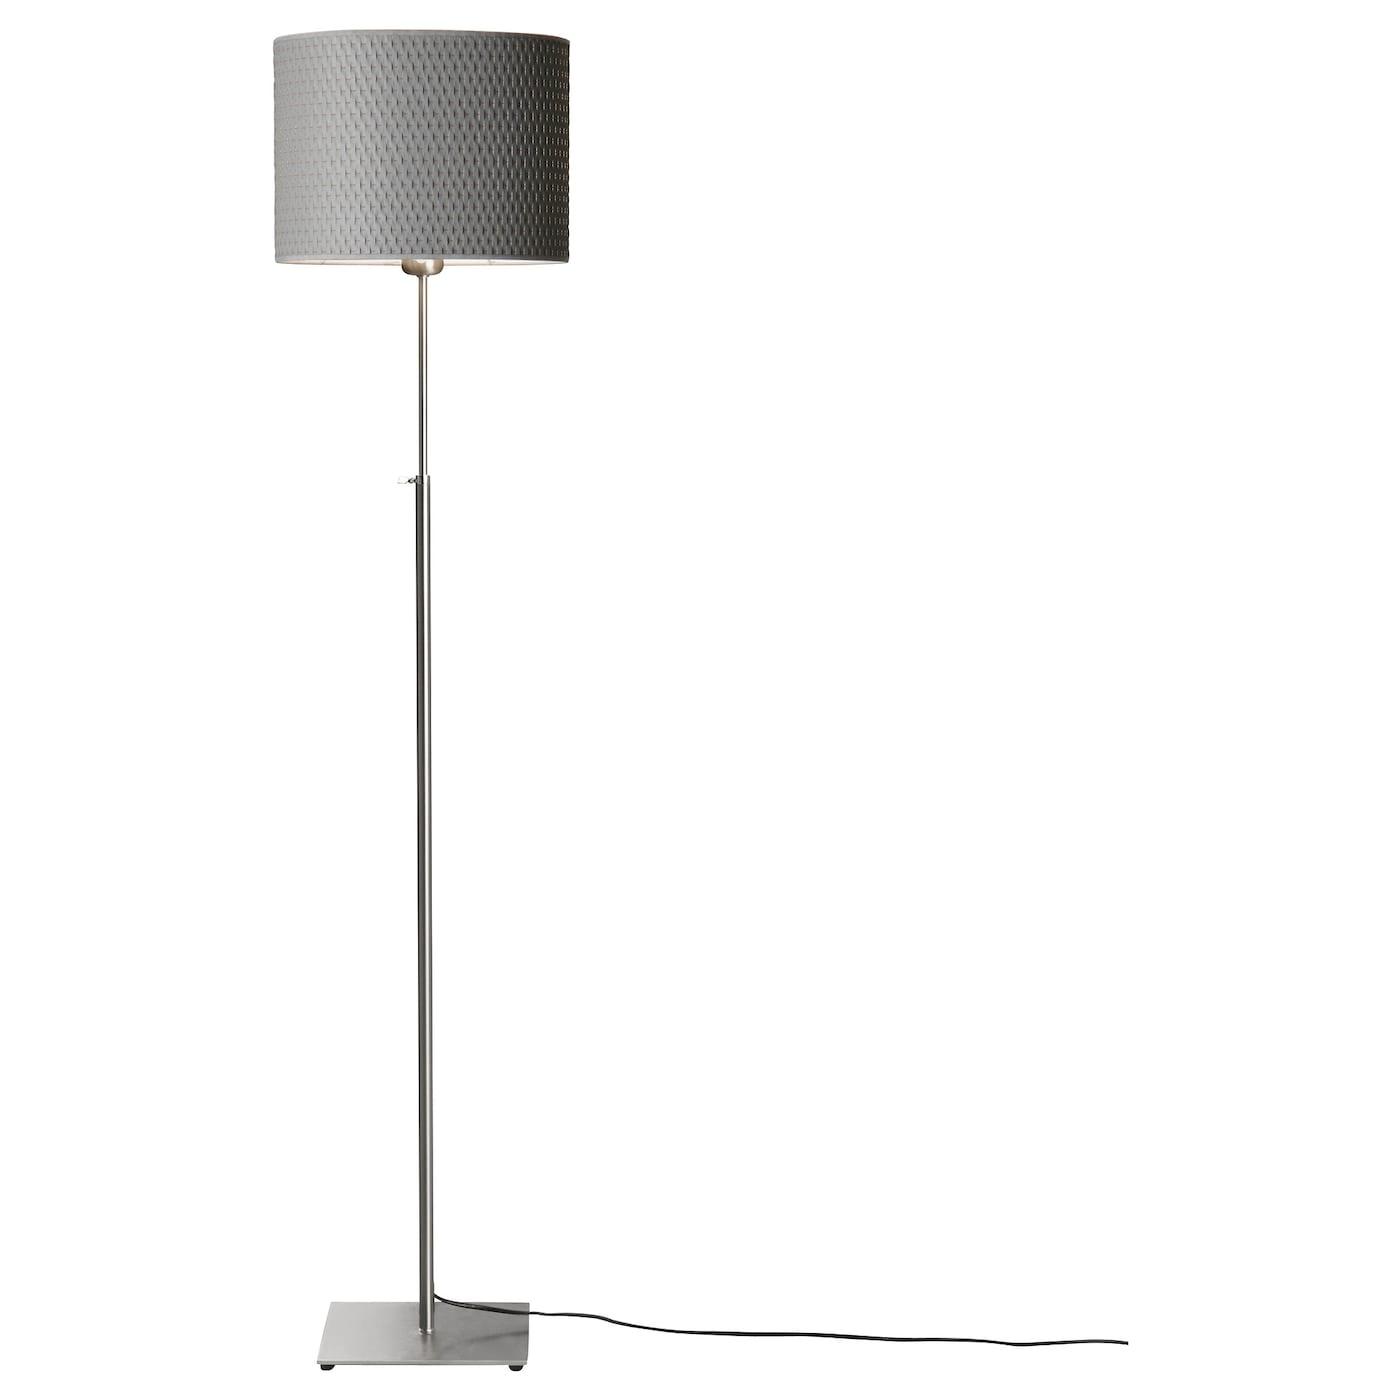 standleuchten online kaufen m bel suchmaschine. Black Bedroom Furniture Sets. Home Design Ideas